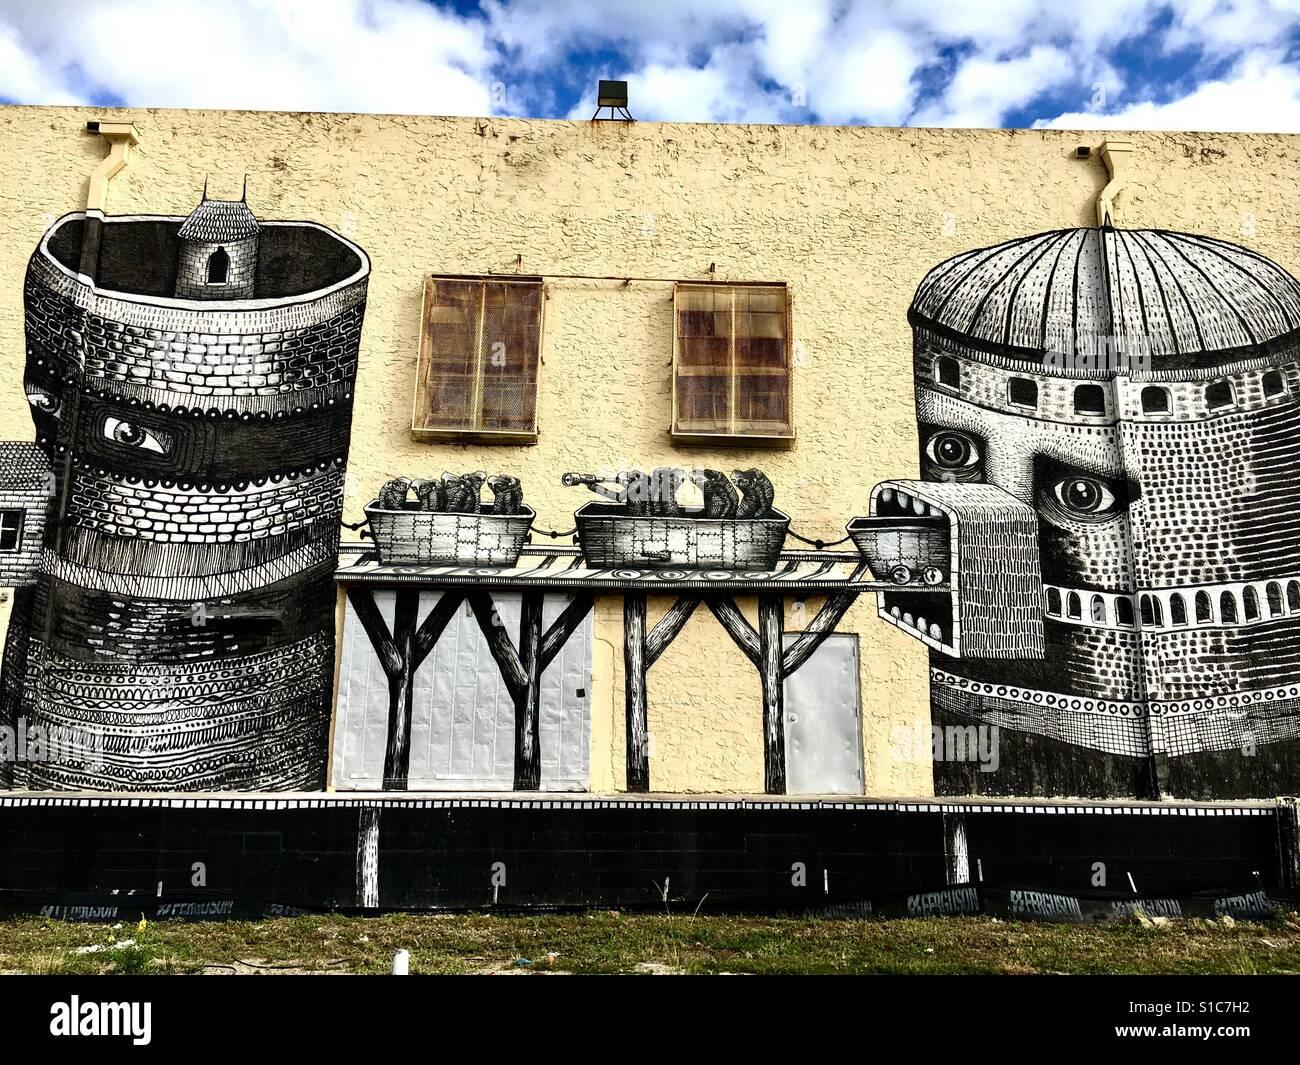 Wynwood mural Stock Photo: 310670670 - Alamy